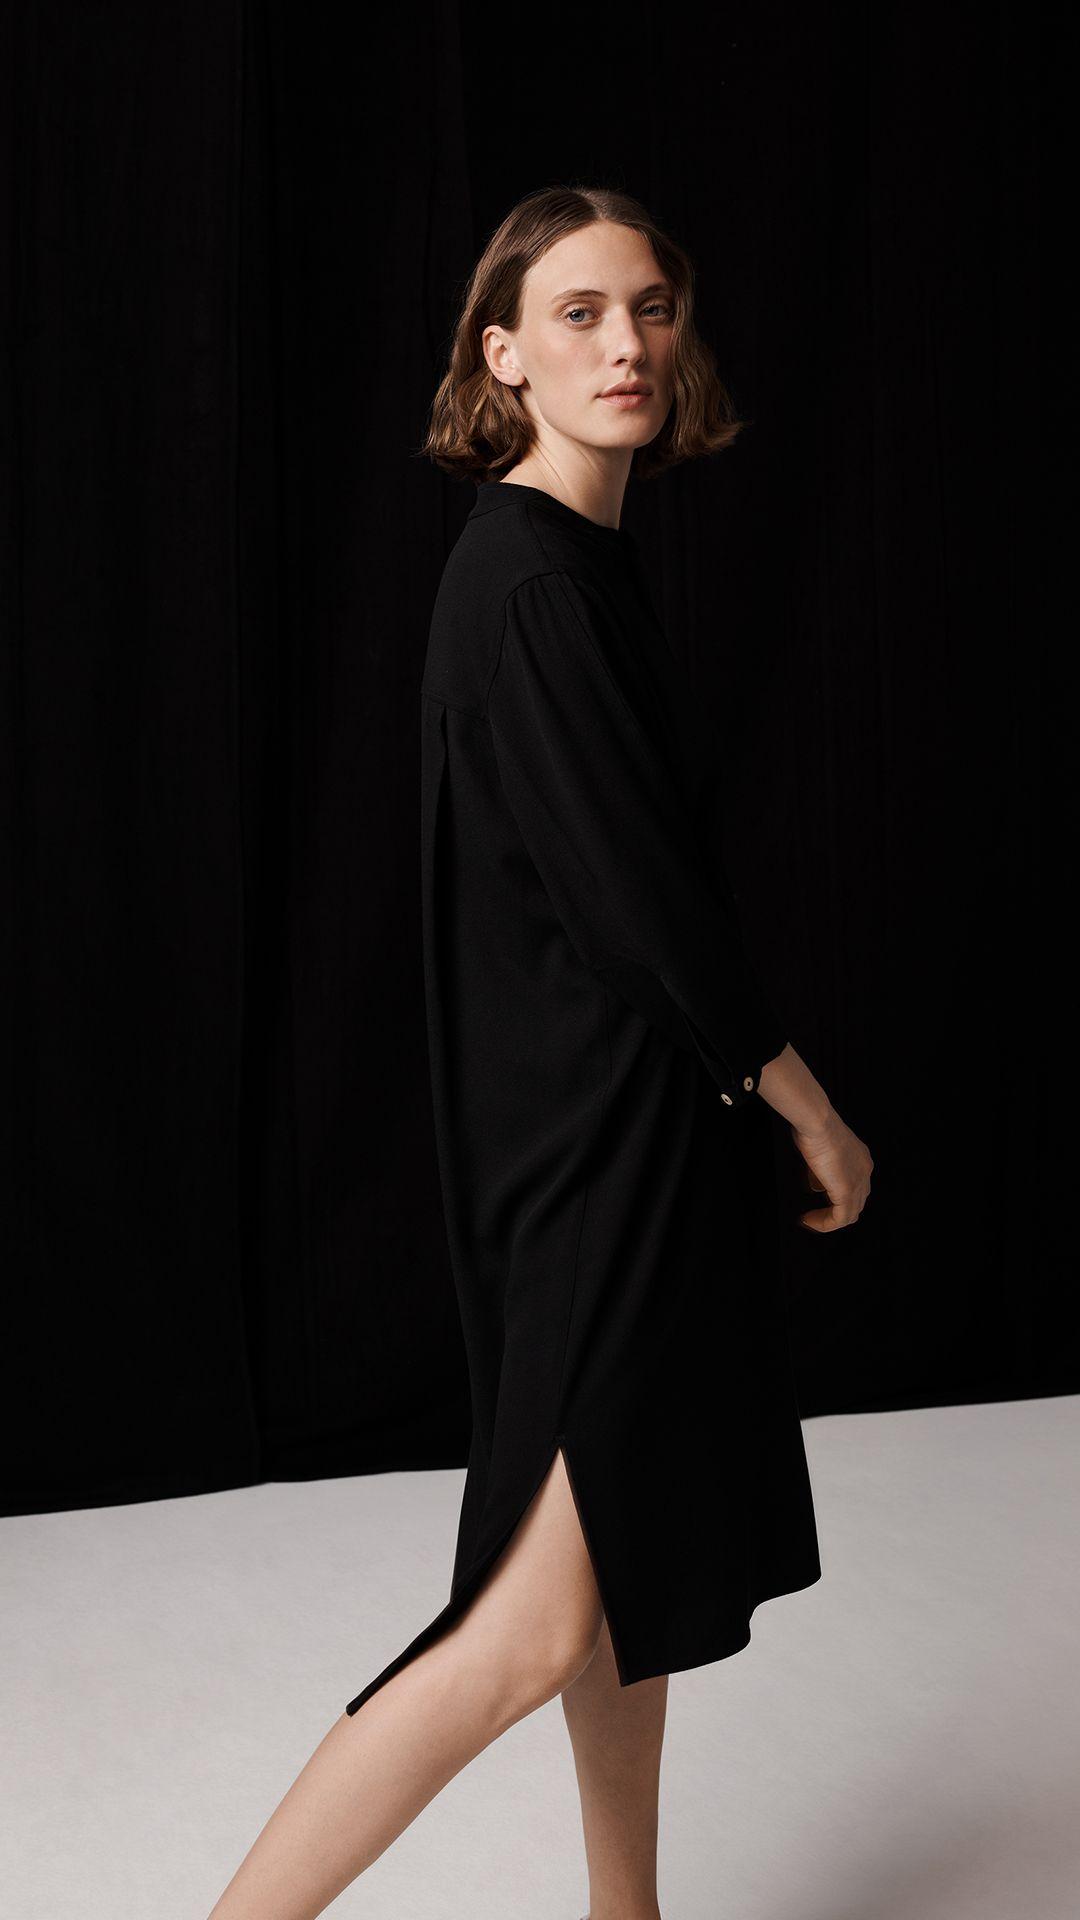 Classy Dress In 2020 Elegante Kleider Kleidung Online Kleidung Online Kaufen